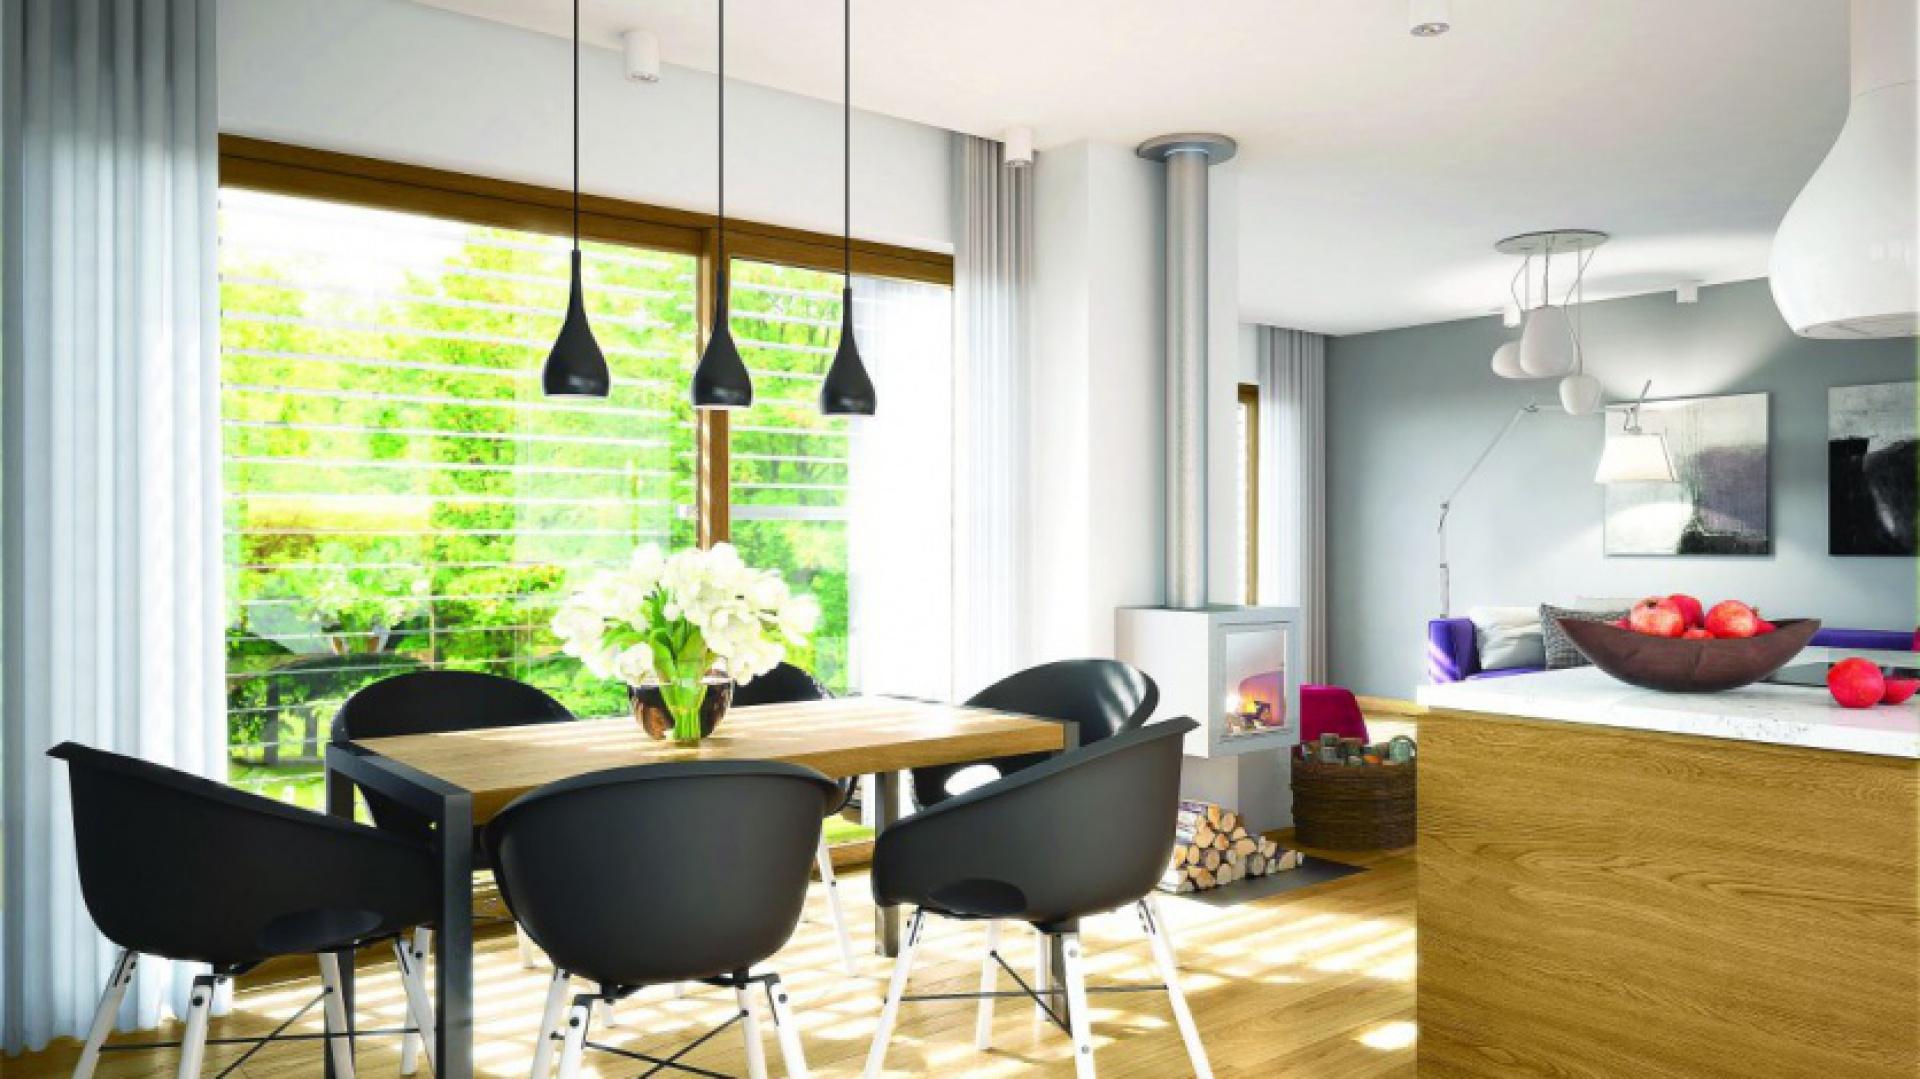 Sercem domu jest przestrzeń dzienna, złożona z salonu, jadalni i kuchni. Jasne ściany i duże przeszklenia dają wnętrzu mnóstwo światła. Projekt: Riko III G2, autor: arch. Artur Wójciak, Fot. Pracownia Projektowa Archipelag